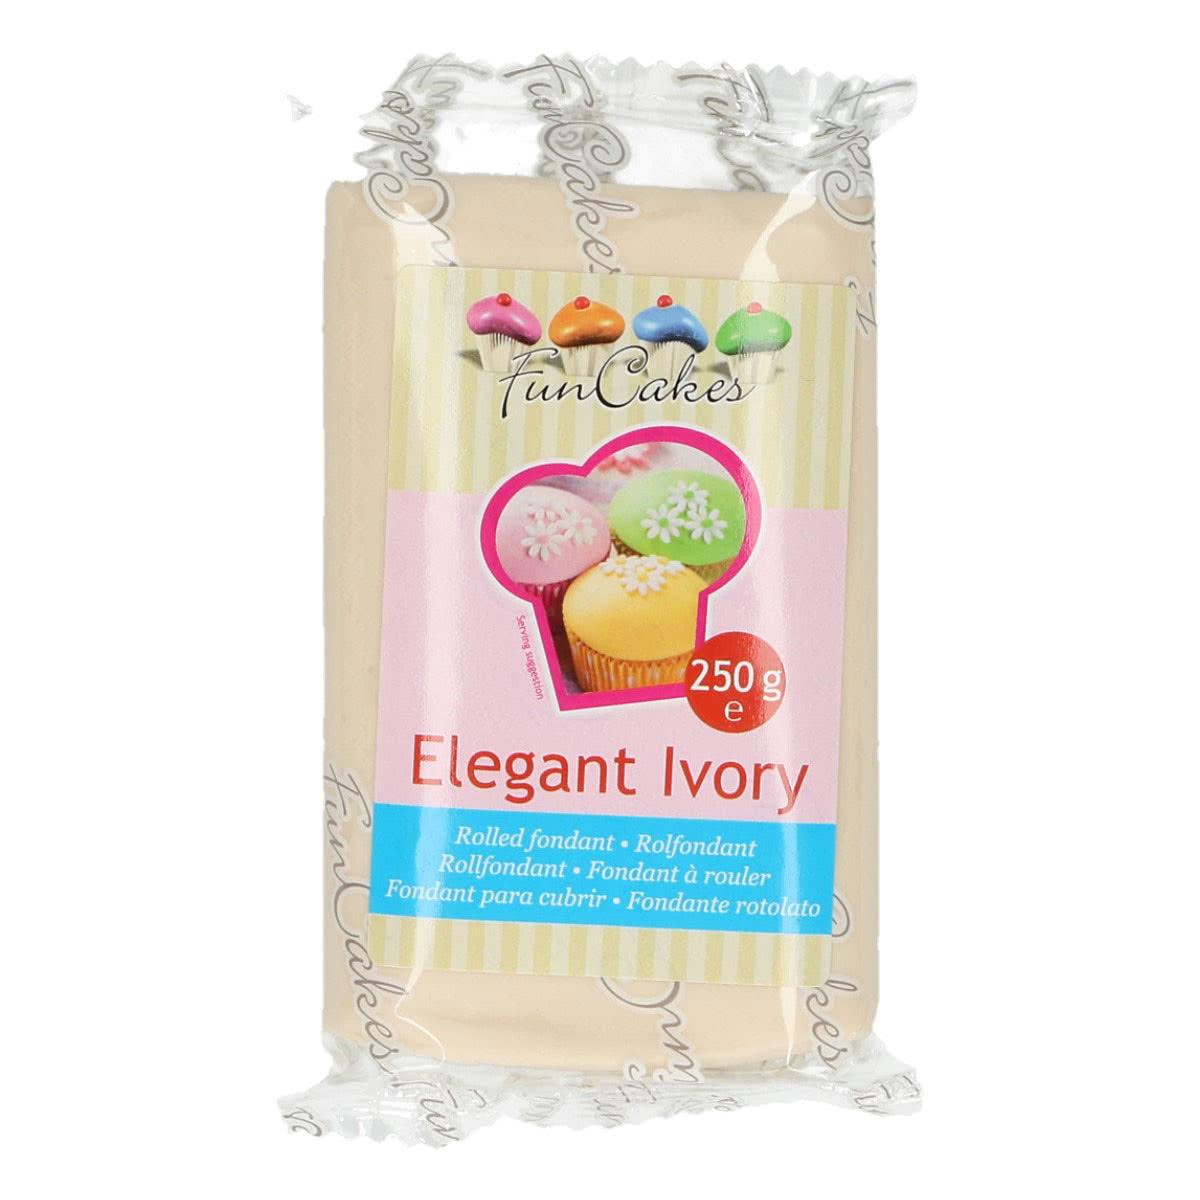 Funcakes Fondant Elfenbein - Elegant Ivory 250g